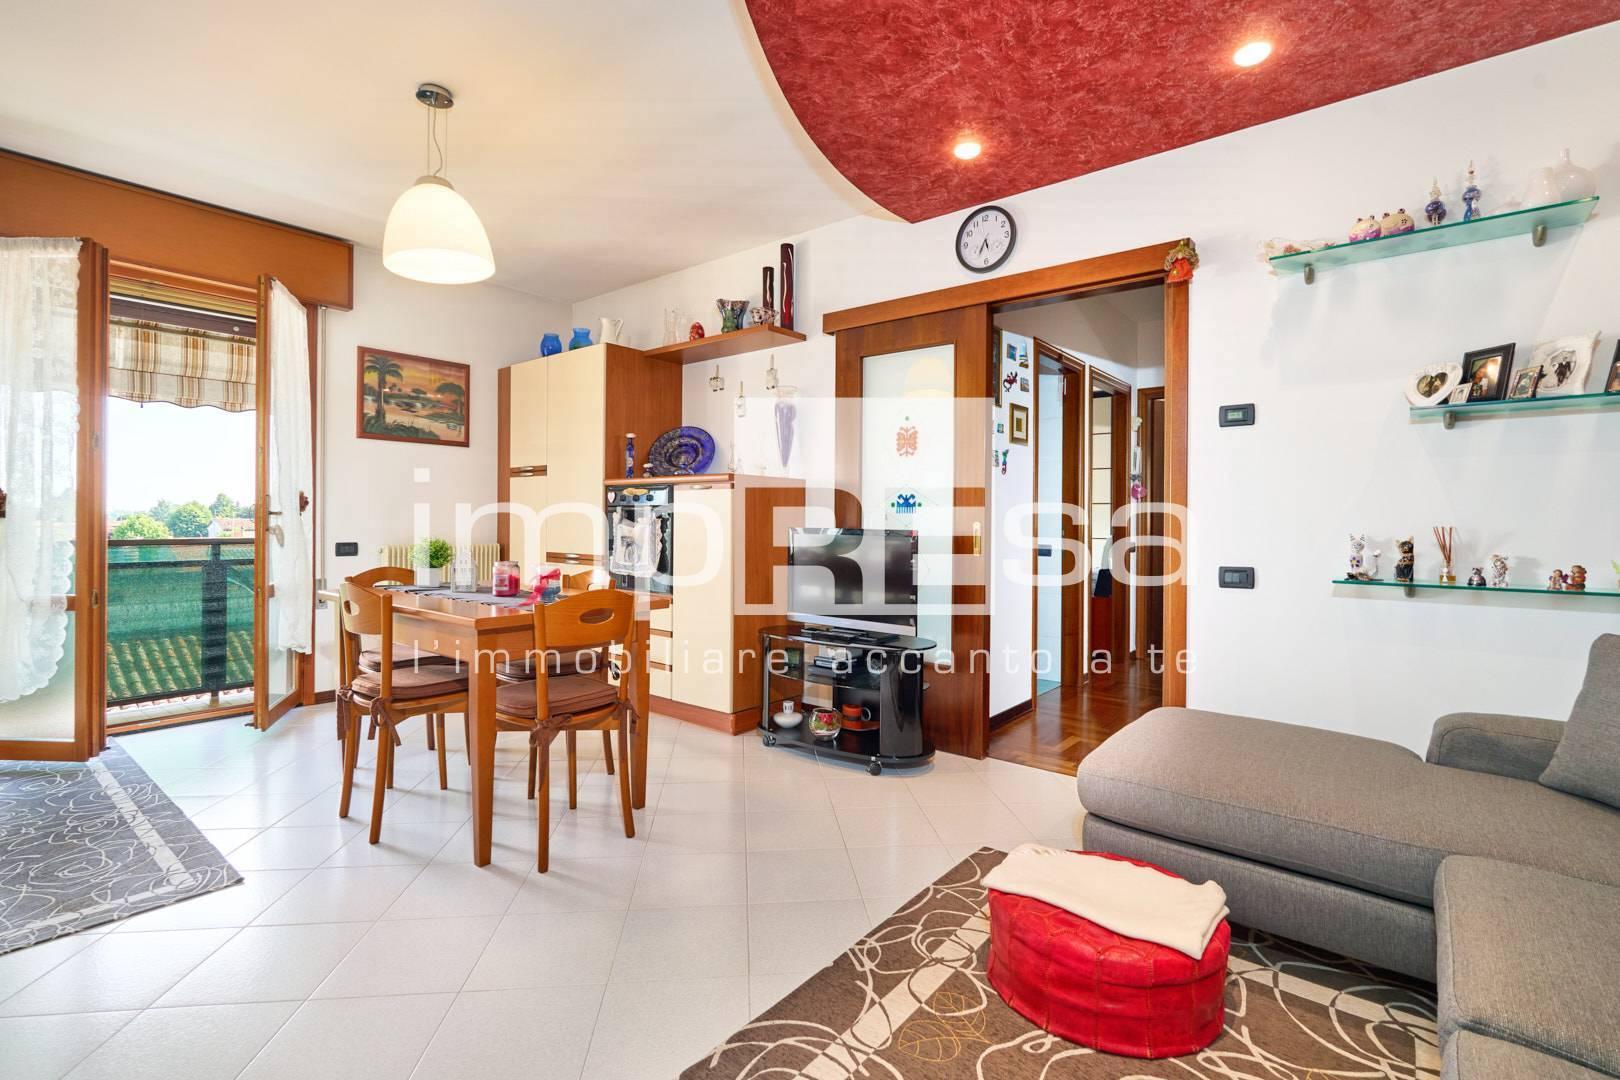 Appartamento in vendita a Salzano, 3 locali, prezzo € 112.000 | PortaleAgenzieImmobiliari.it